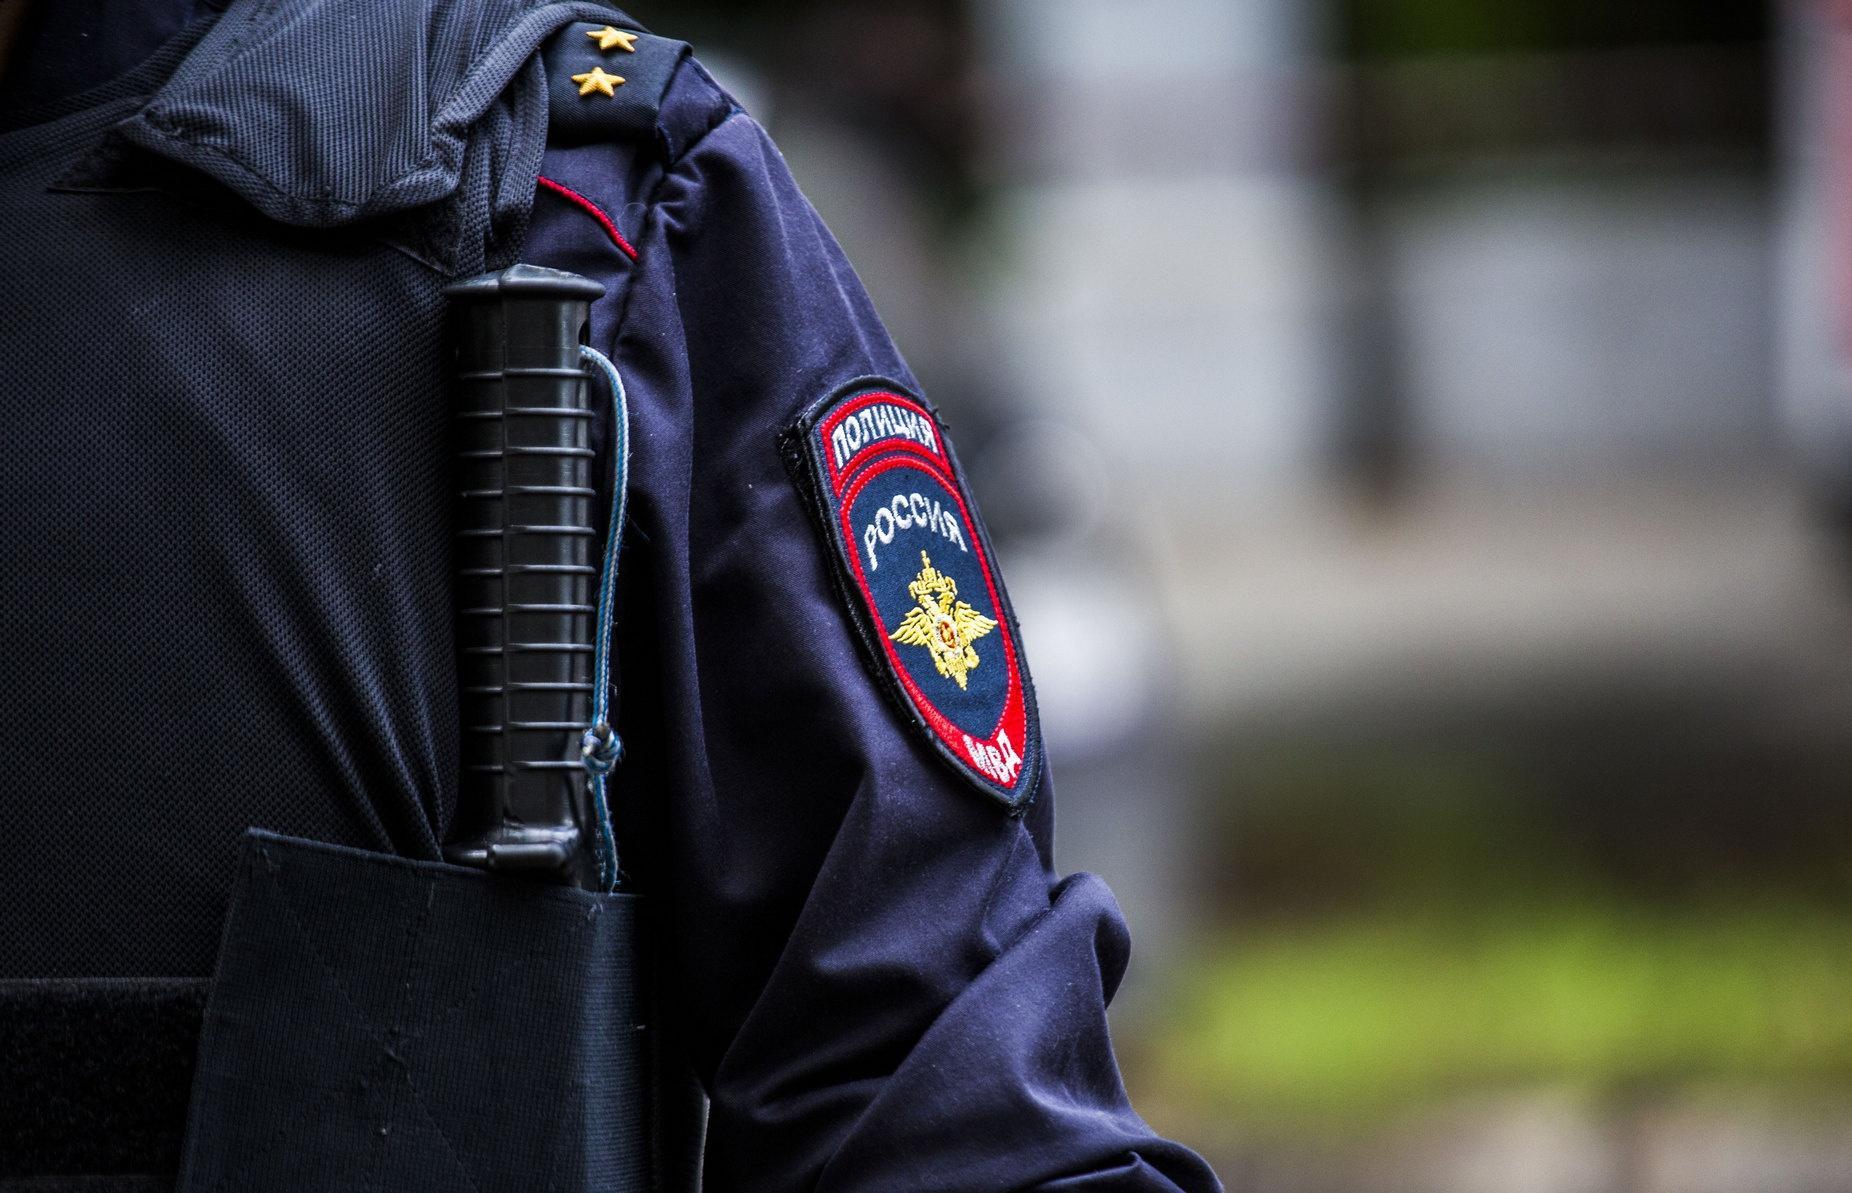 Впервые в Тверской области возбуждены дела в связи с подделкой и сбытом справок о ПЦР-тестах